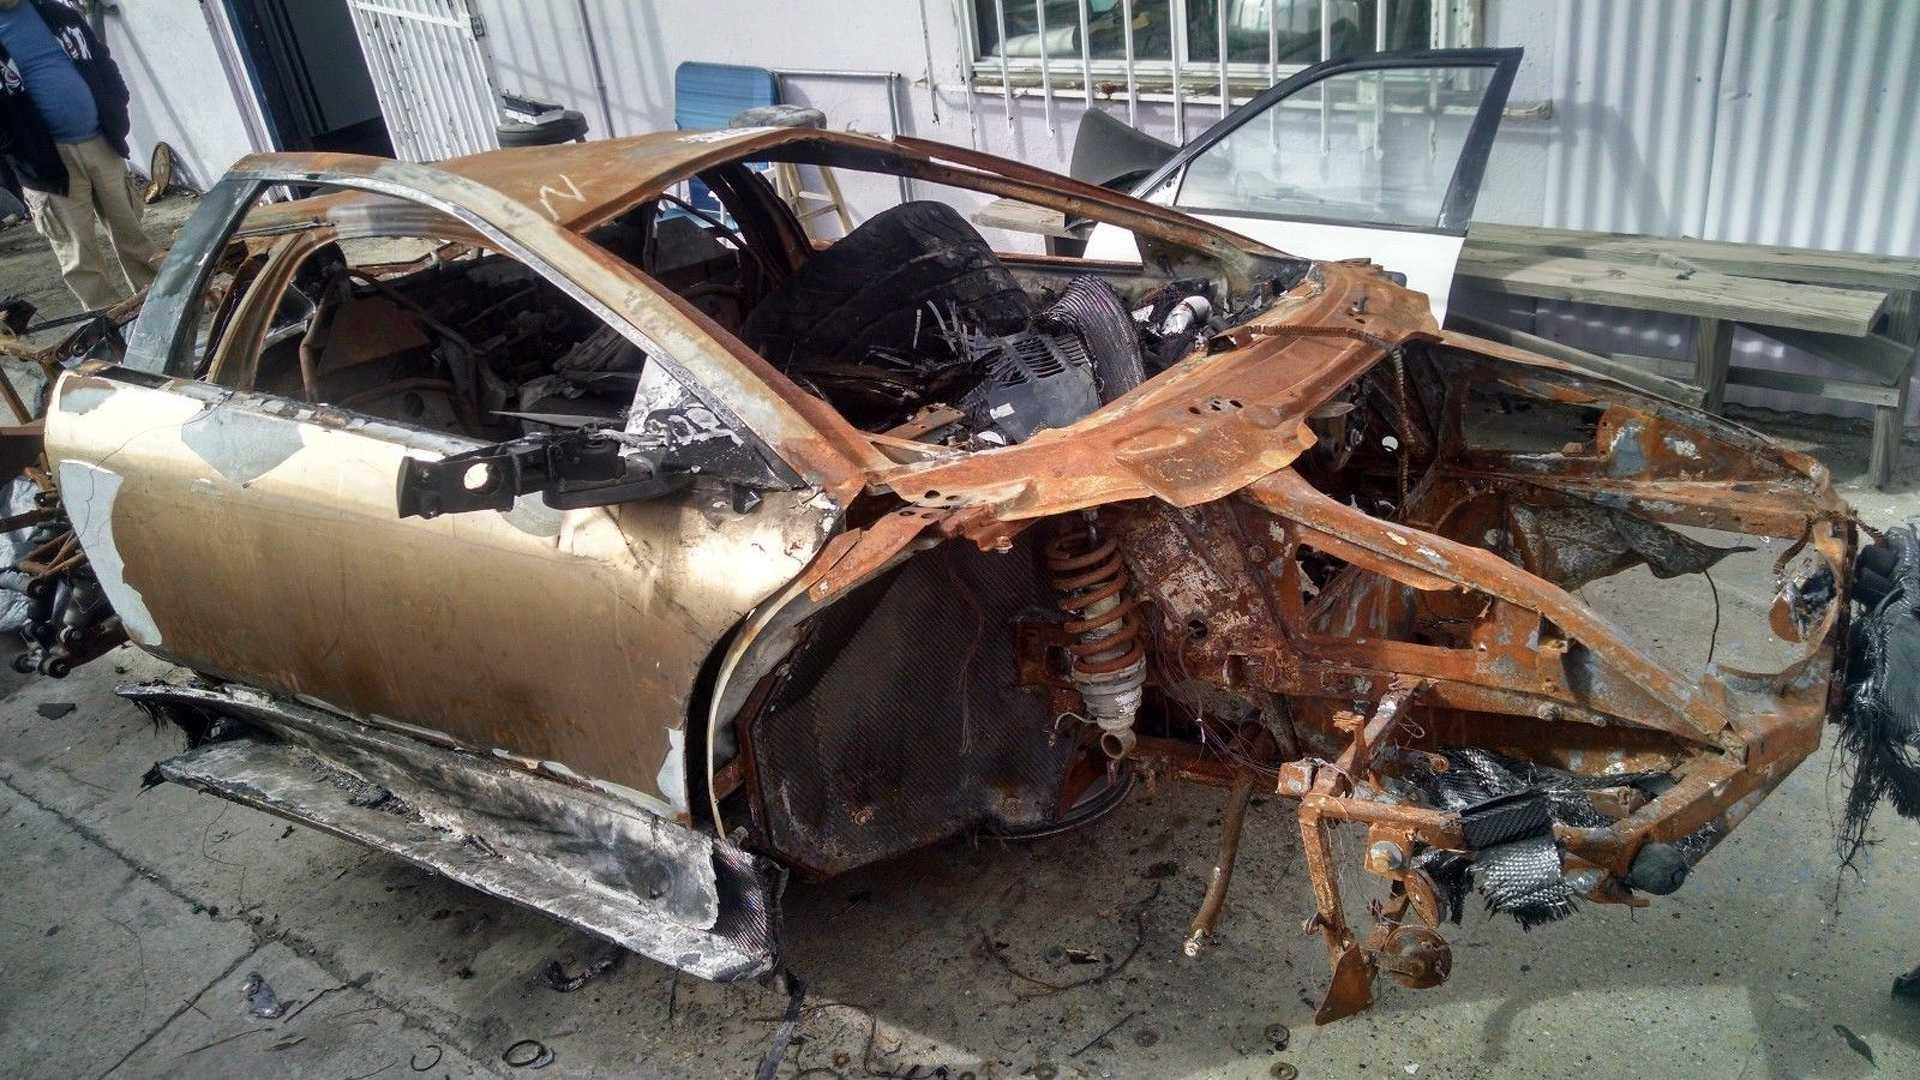 Lamborghini_Murcielago_destroyed_by_fire_01